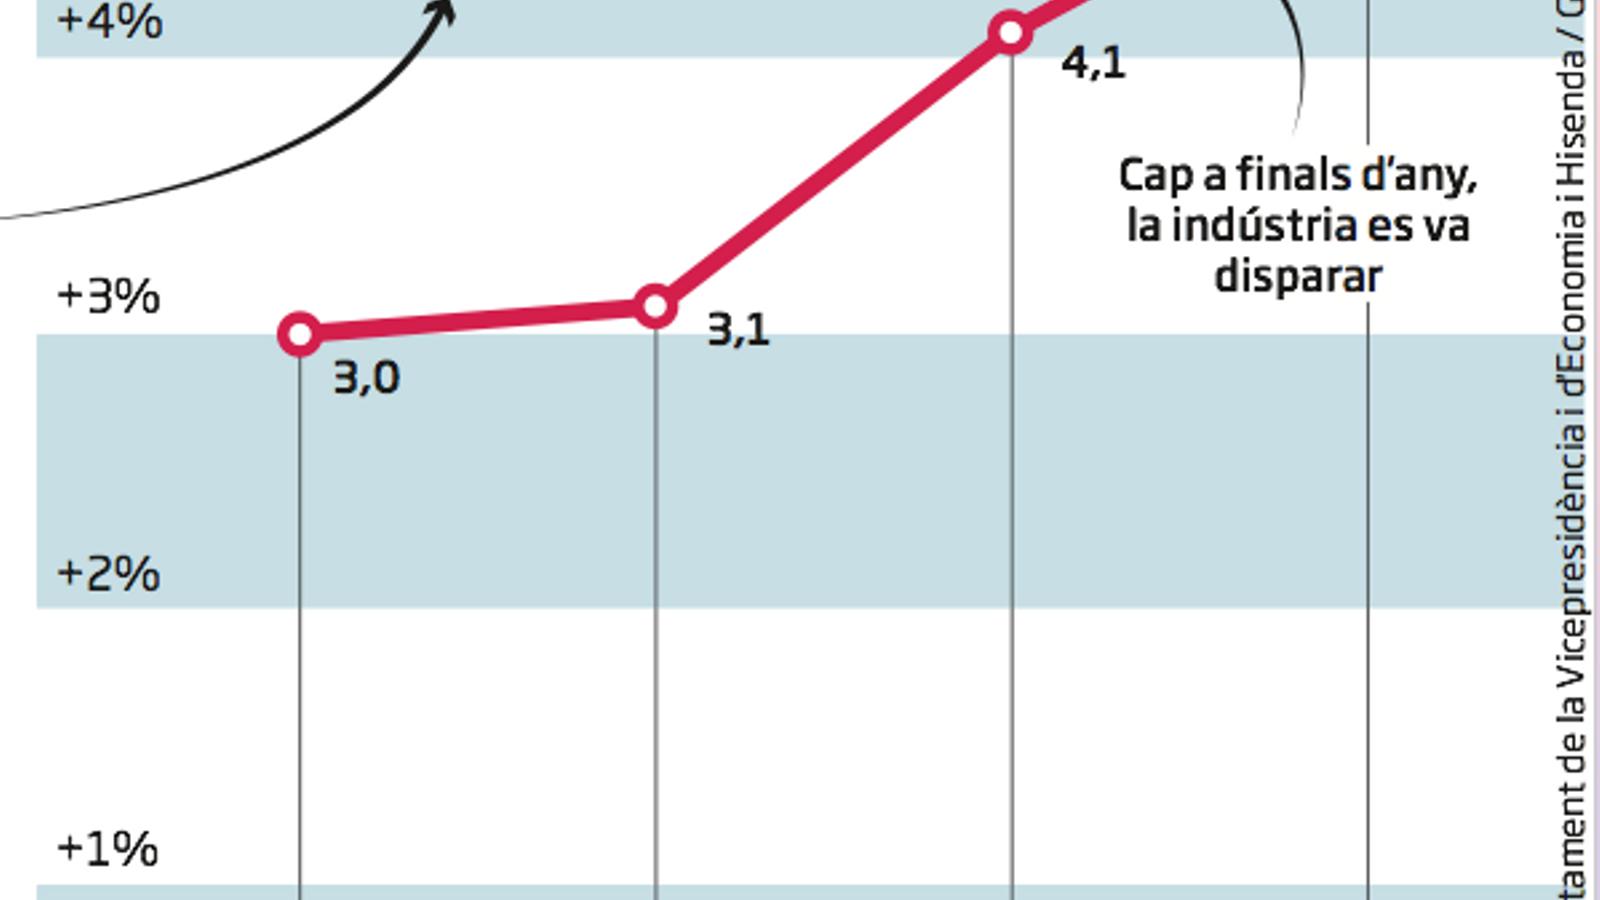 El boom industrial de Catalunya dispara les exportacions fins a un nou rècord històric